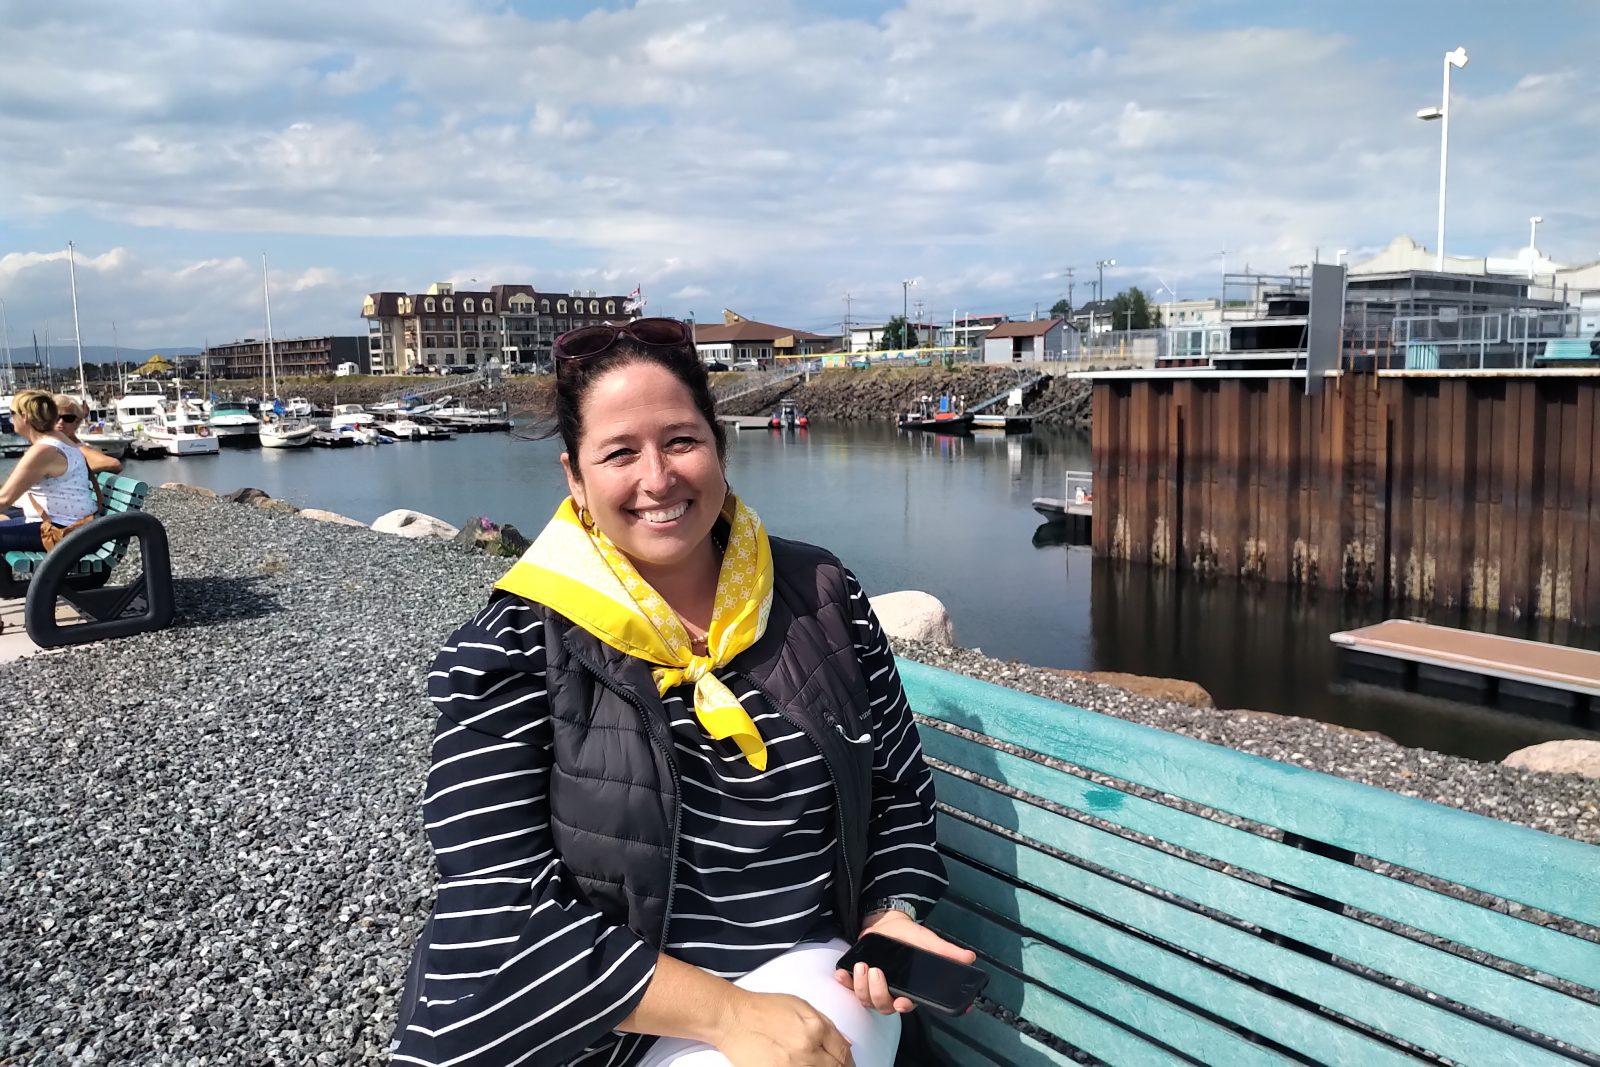 QuébecInnove veut mousser l'innovation sur la Côte-Nord